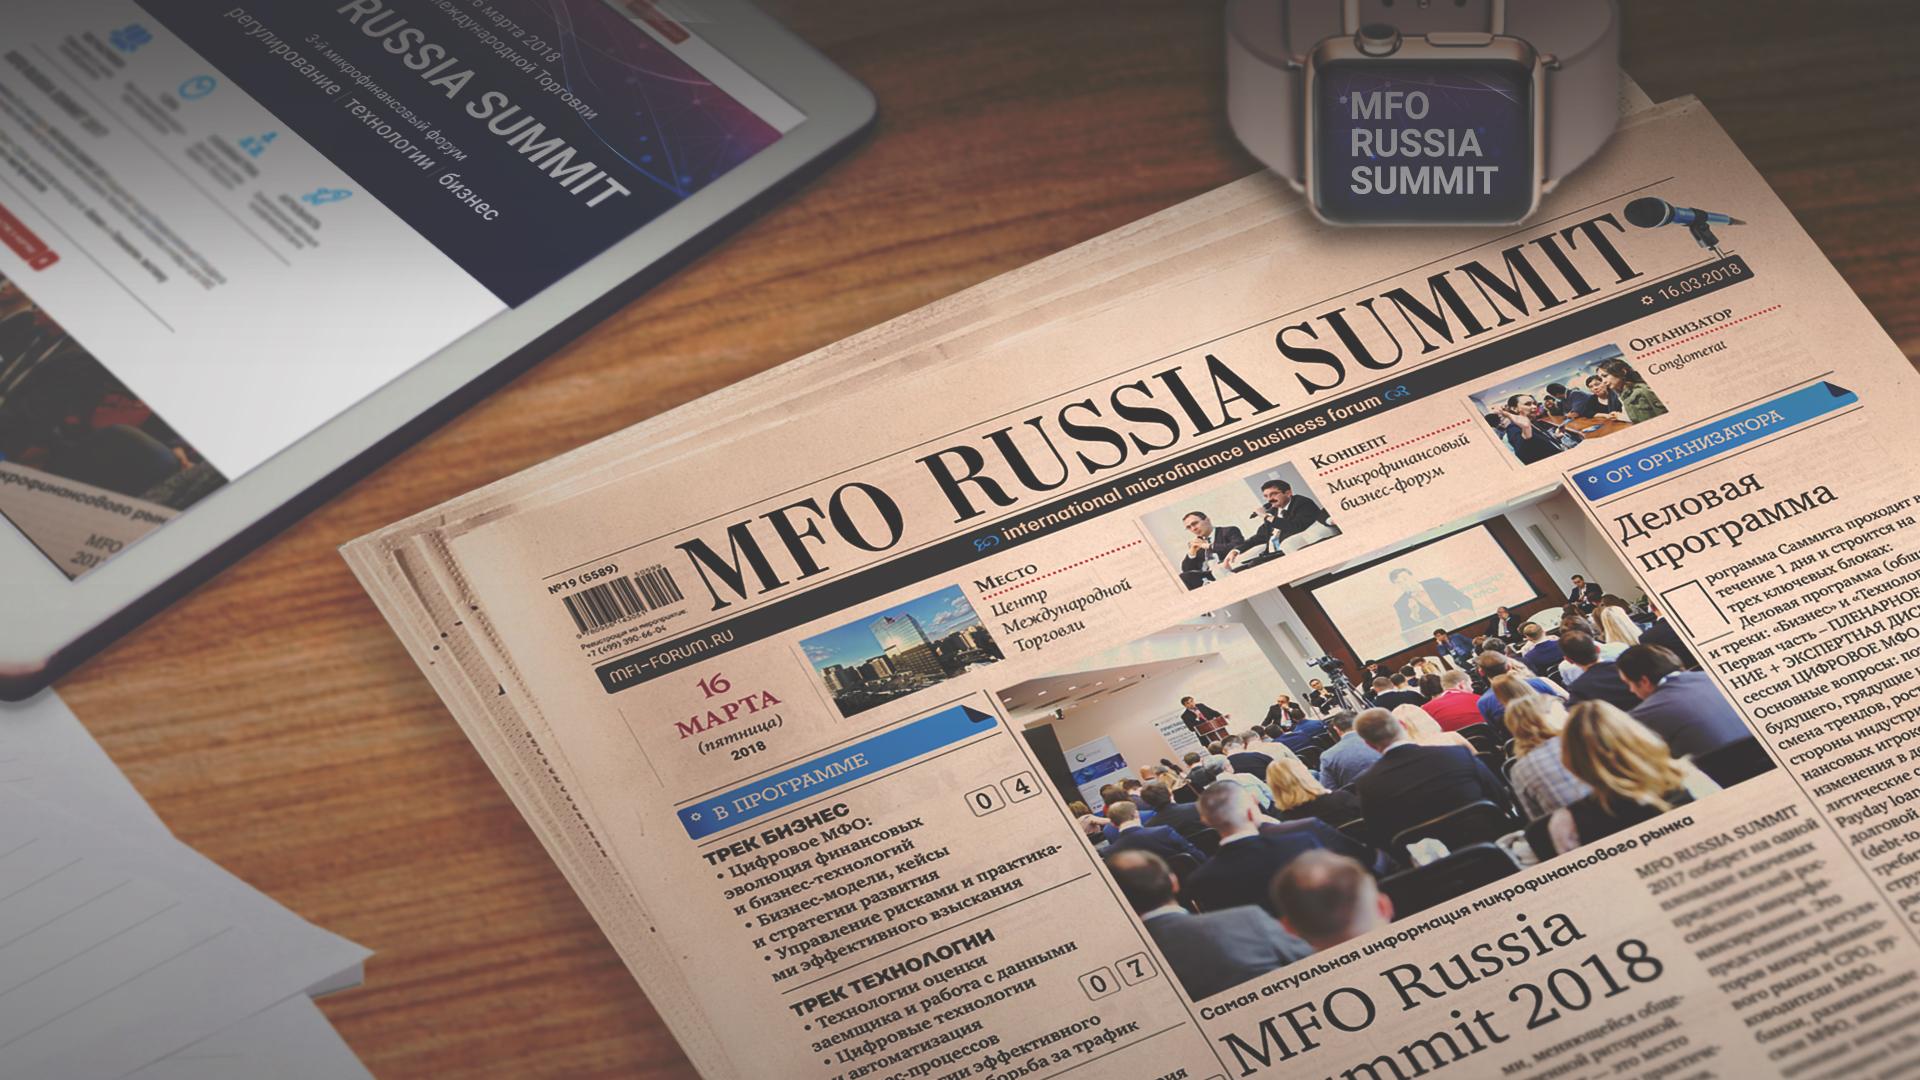 В Москве 17 марта пройдет микрофинансовый бизнес-форум Summit MFO 2020